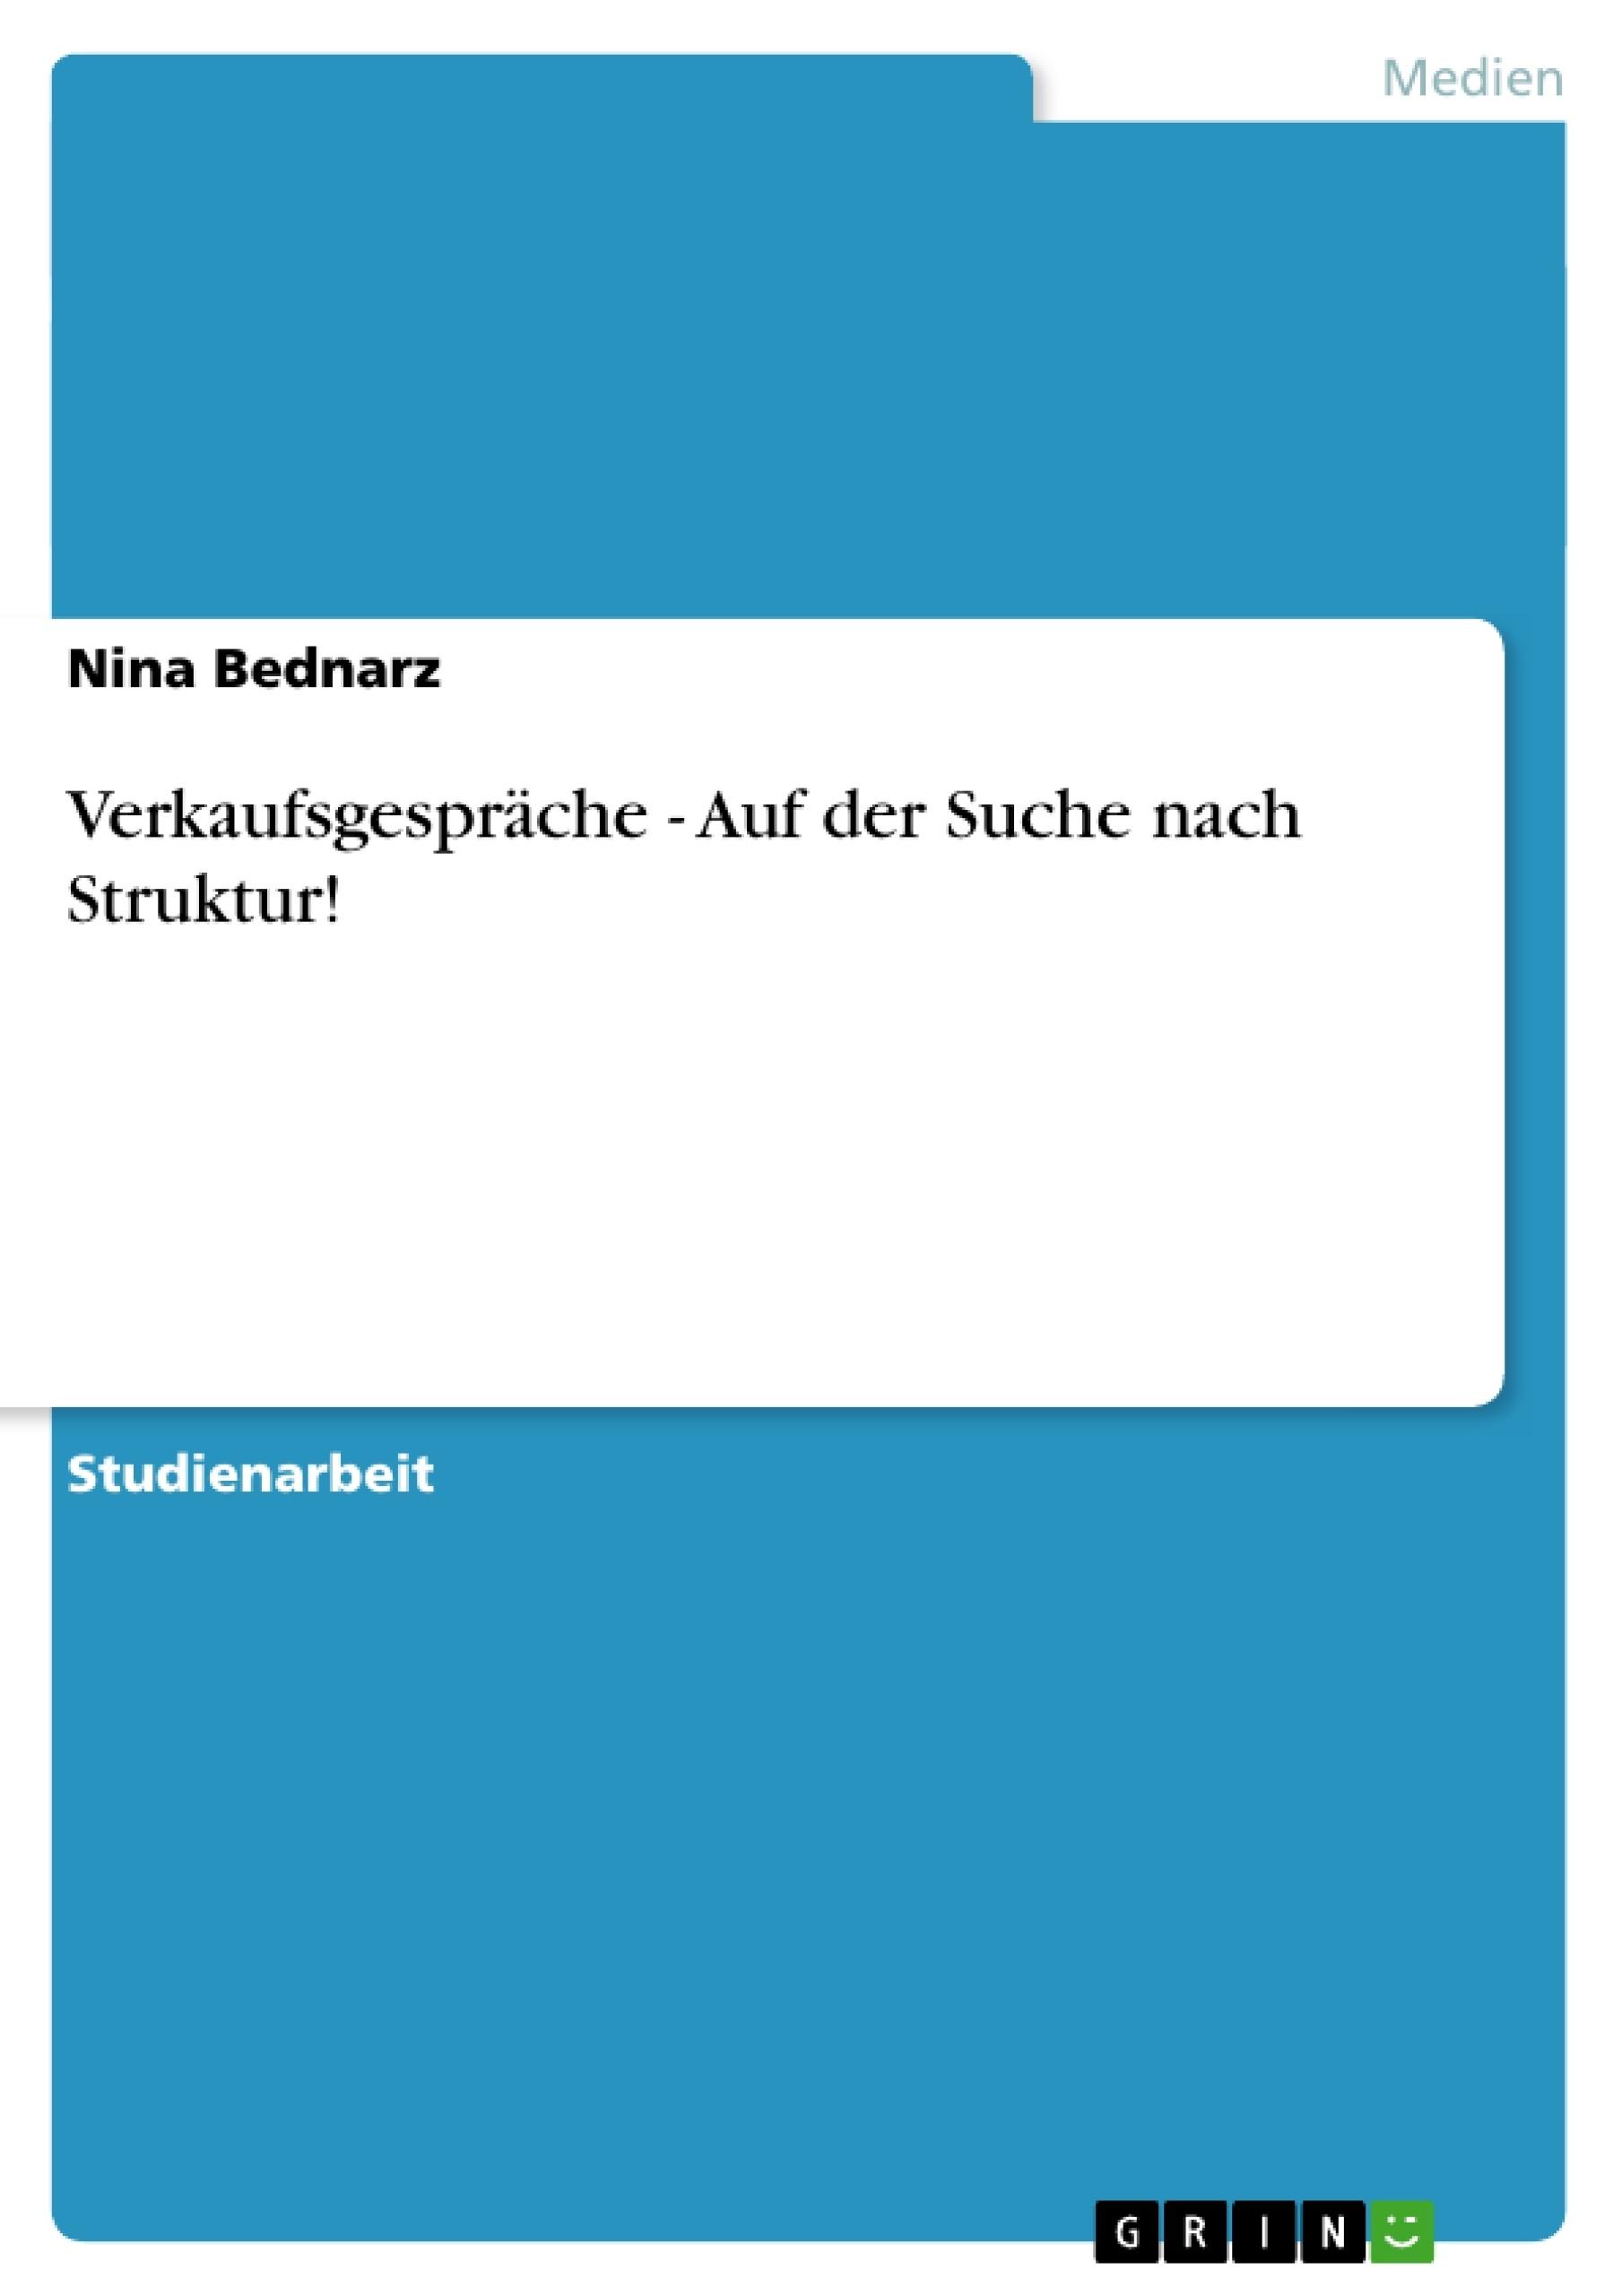 Titel: Verkaufsgespräche - Auf der Suche nach Struktur!